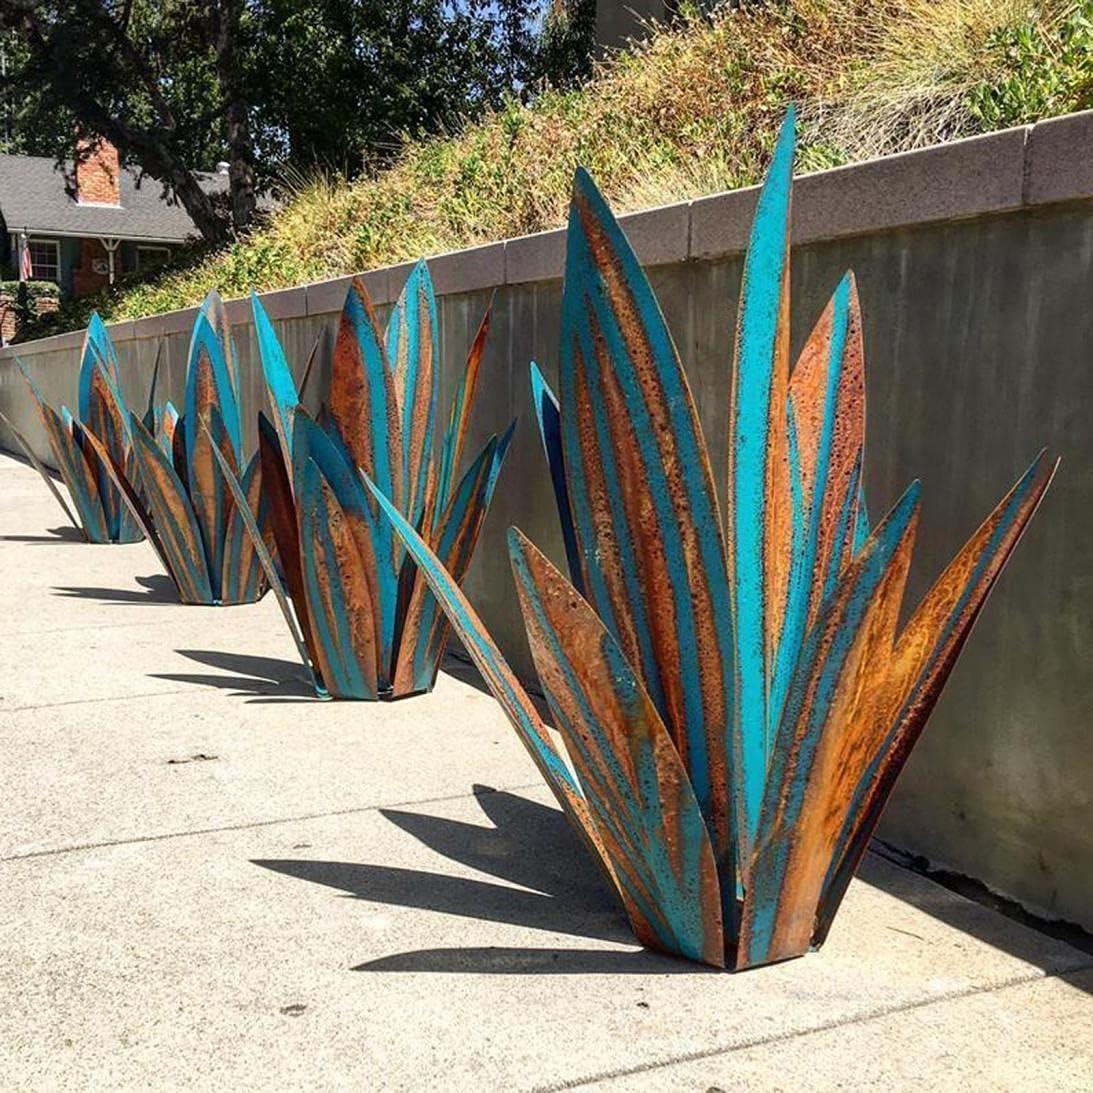 激安通販専門店 公式 Tequila Rustic Sculpture Outdoor Decorations for Han Patio DIY